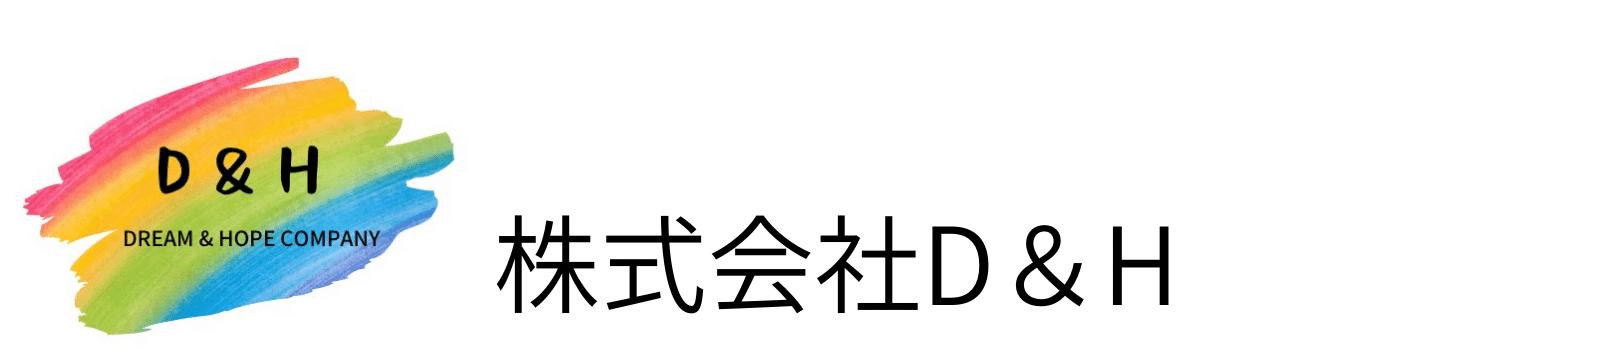 株式会社D&H